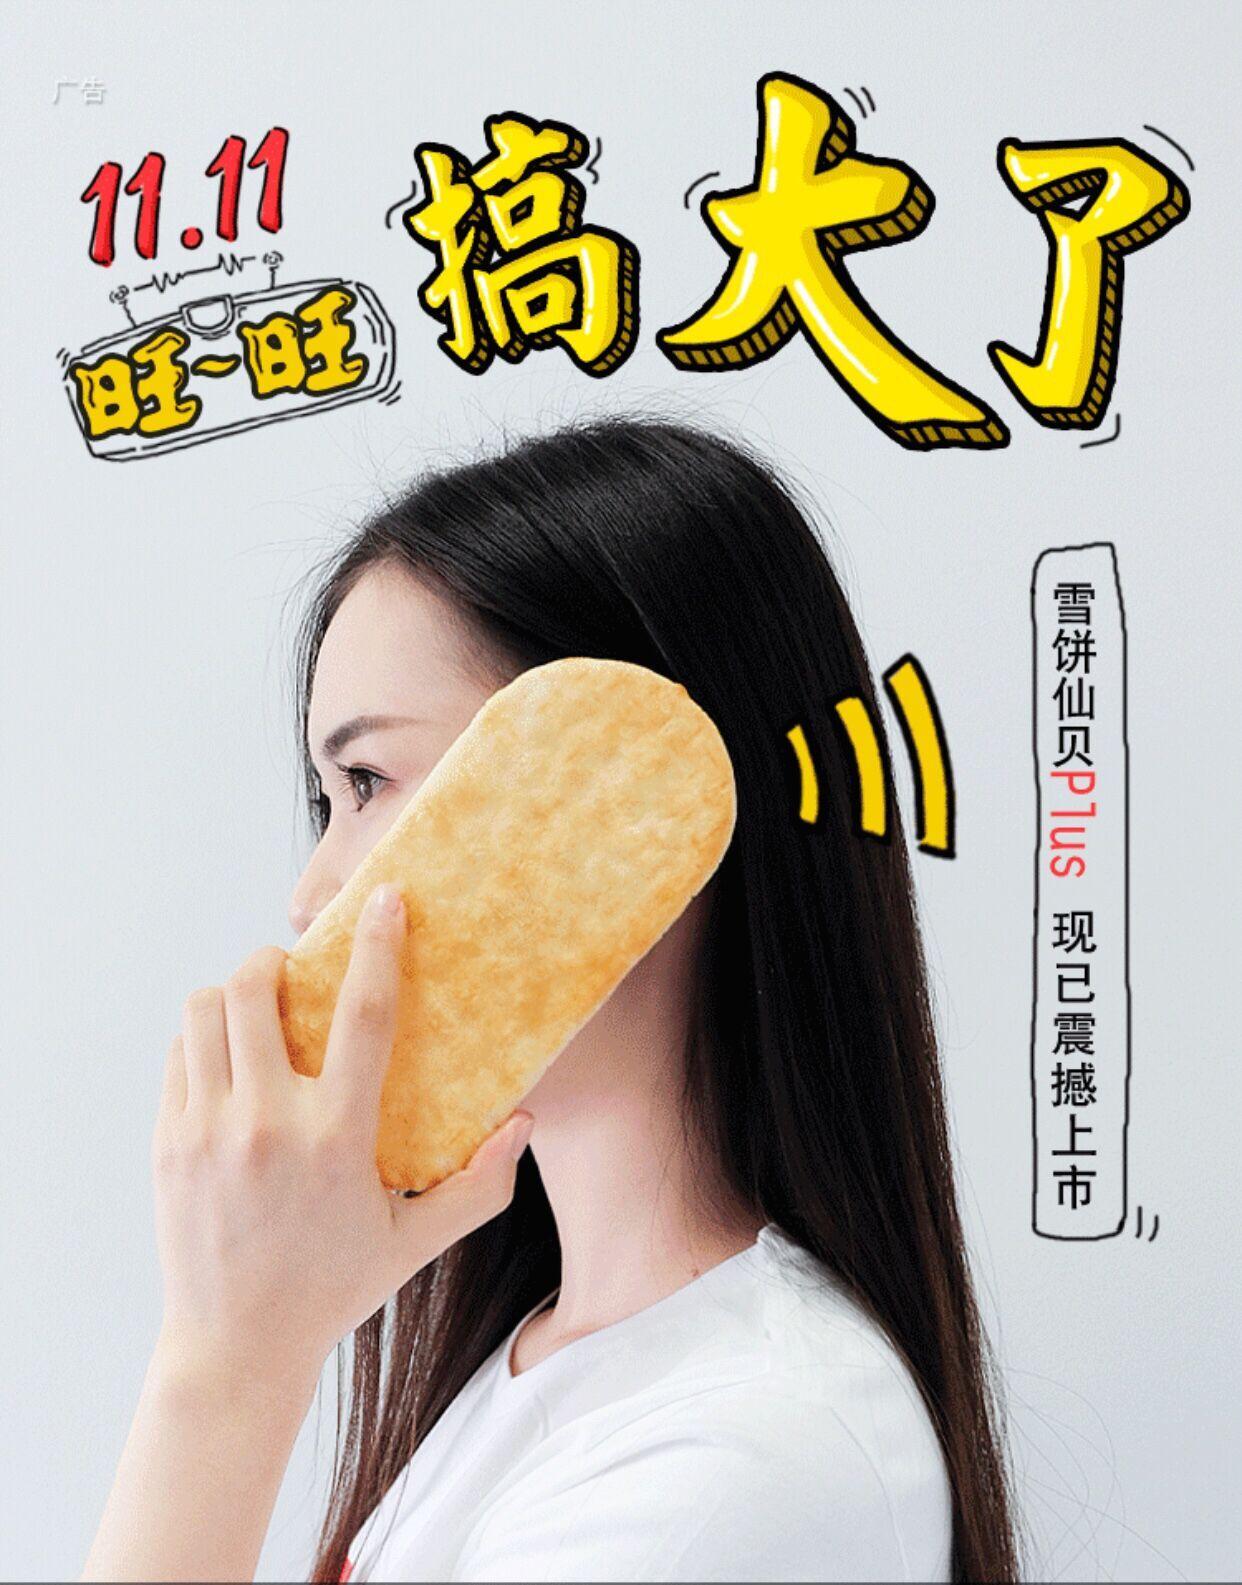 """""""旺旺 plus""""的图片搜索结果"""